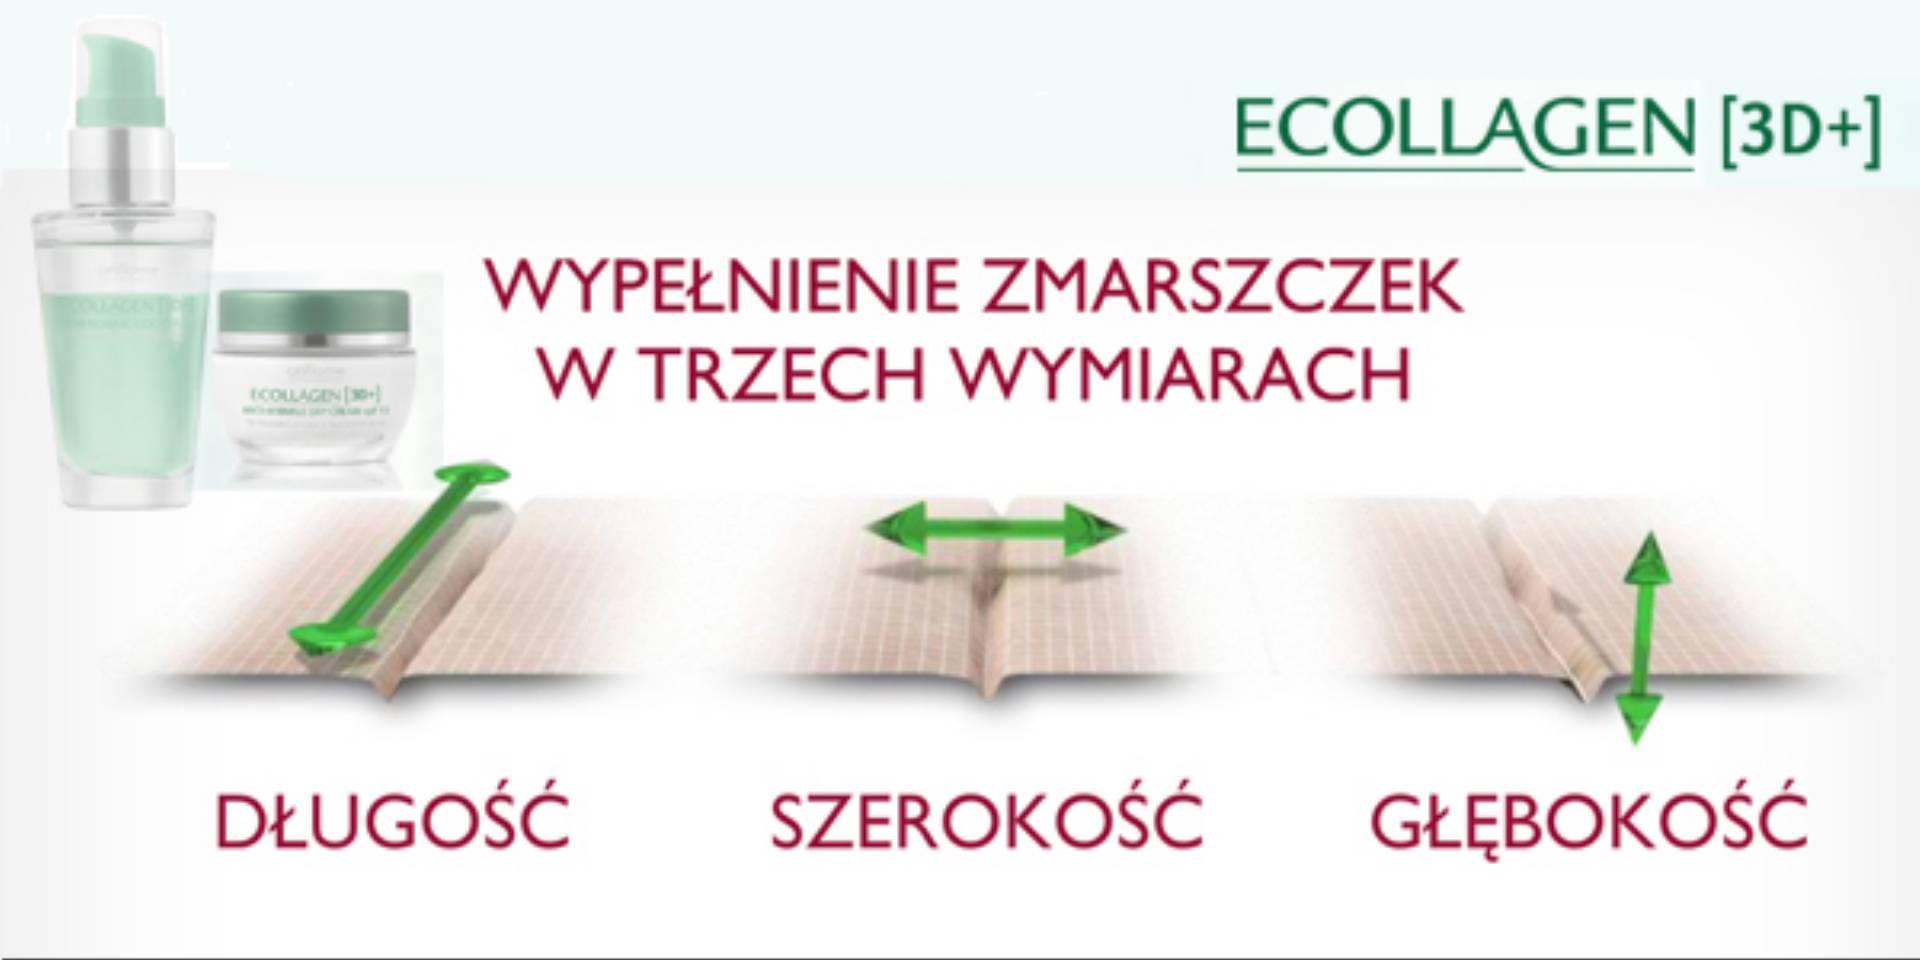 Seria Ecollagen [3D+] Przełom w redukcji zmarszczek!